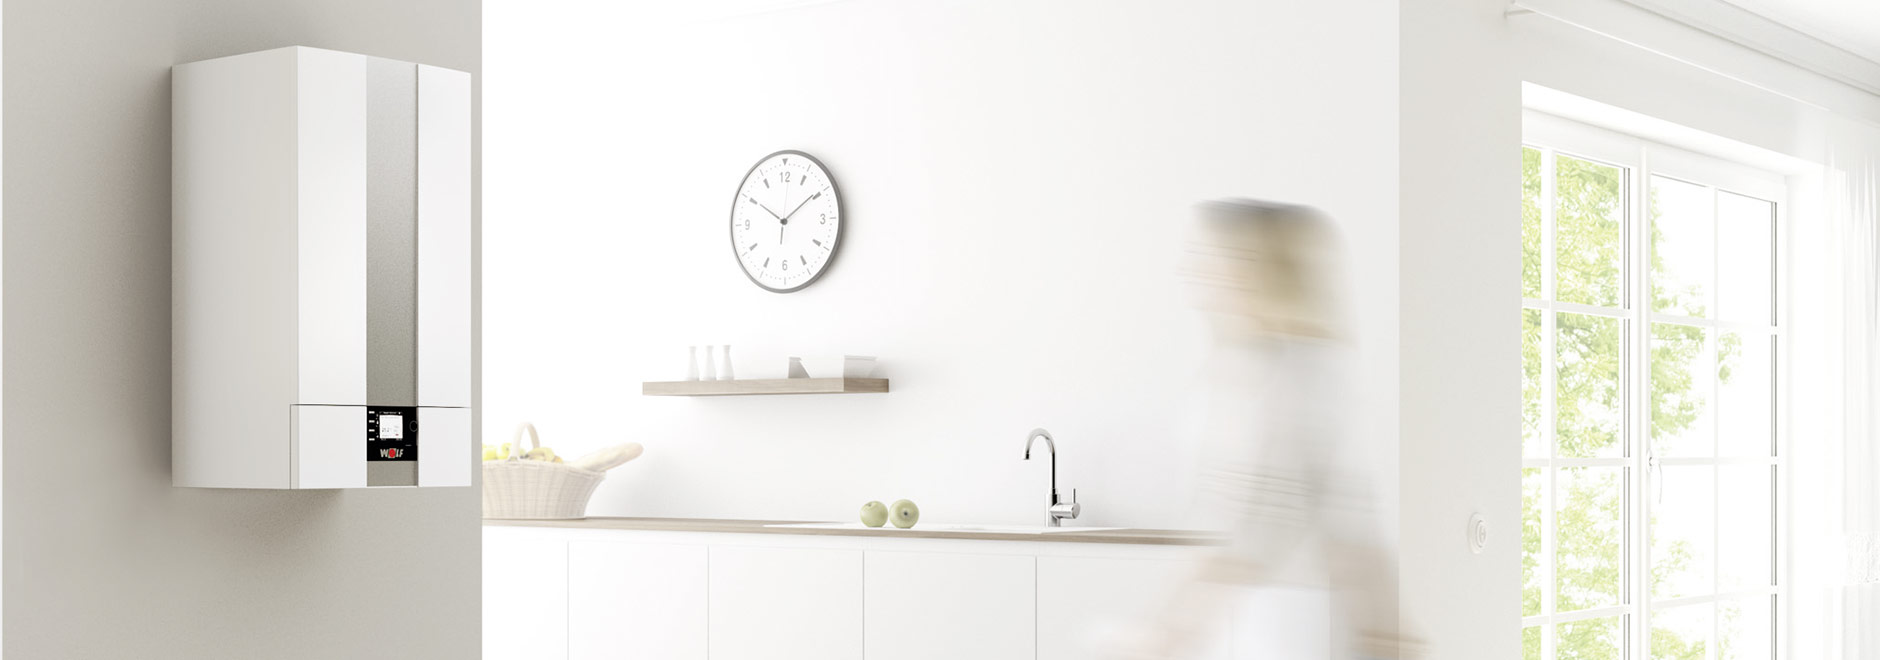 das richtige heizsystem f r ihr zuhause jestrimsky. Black Bedroom Furniture Sets. Home Design Ideas